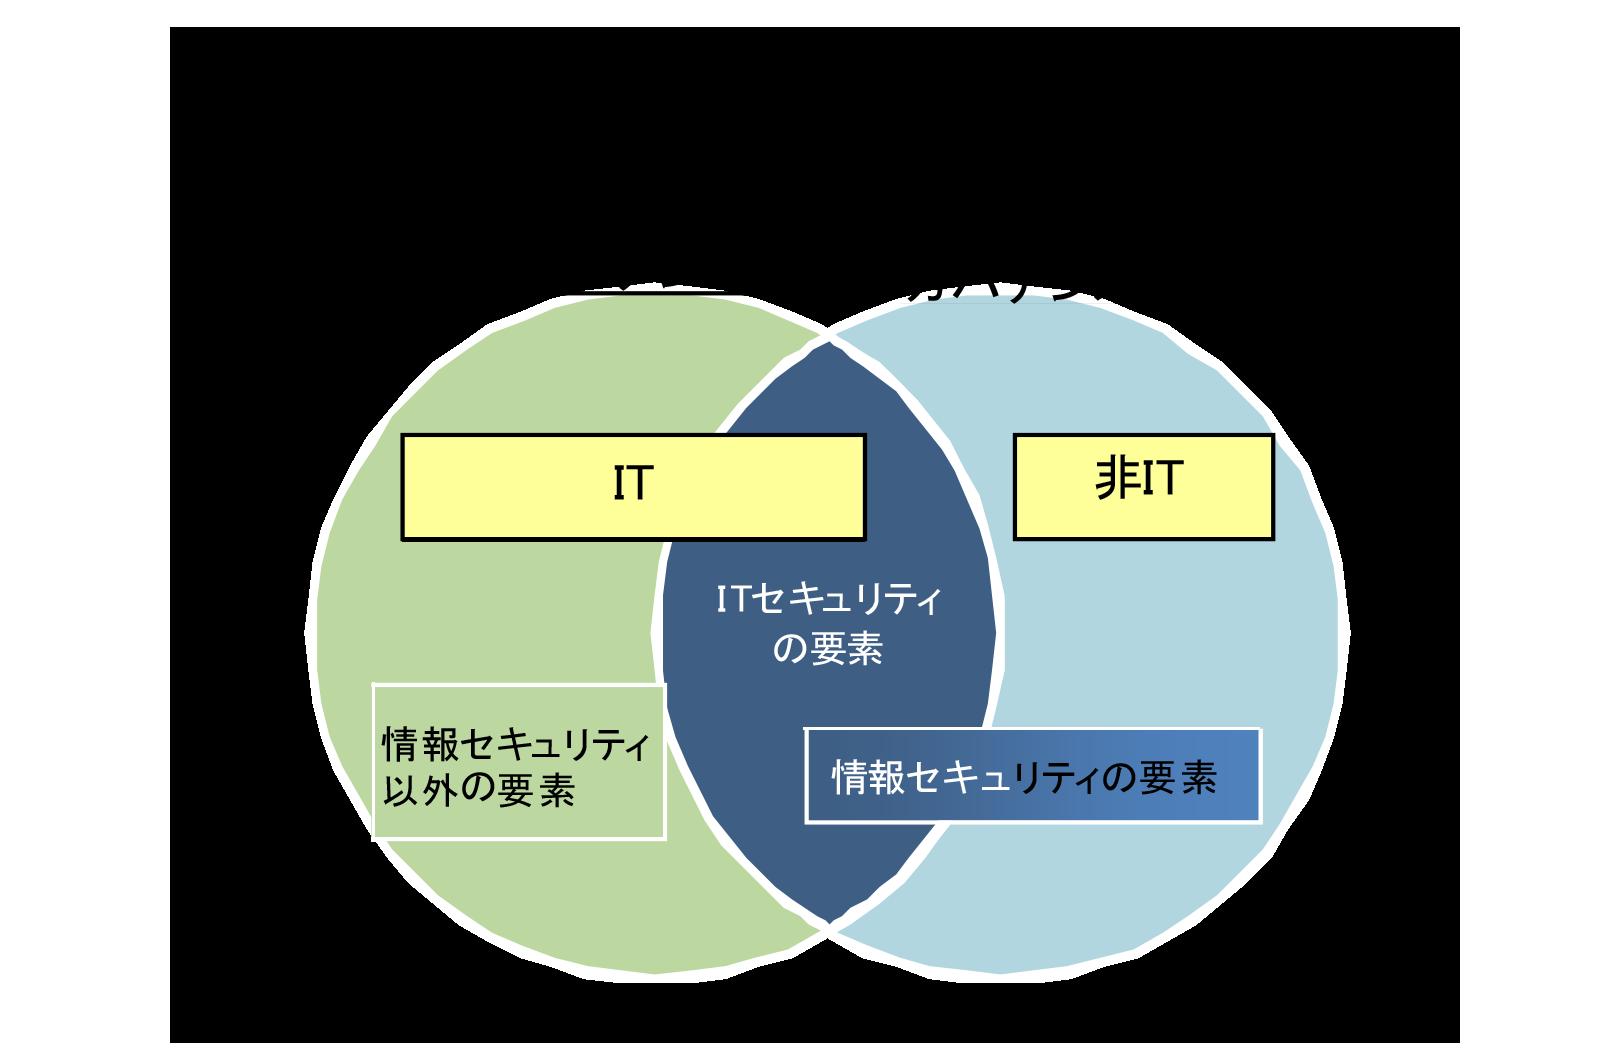 コーポレートガバナンス、ITガバナンスと情報セキュリティガバナンスの関係